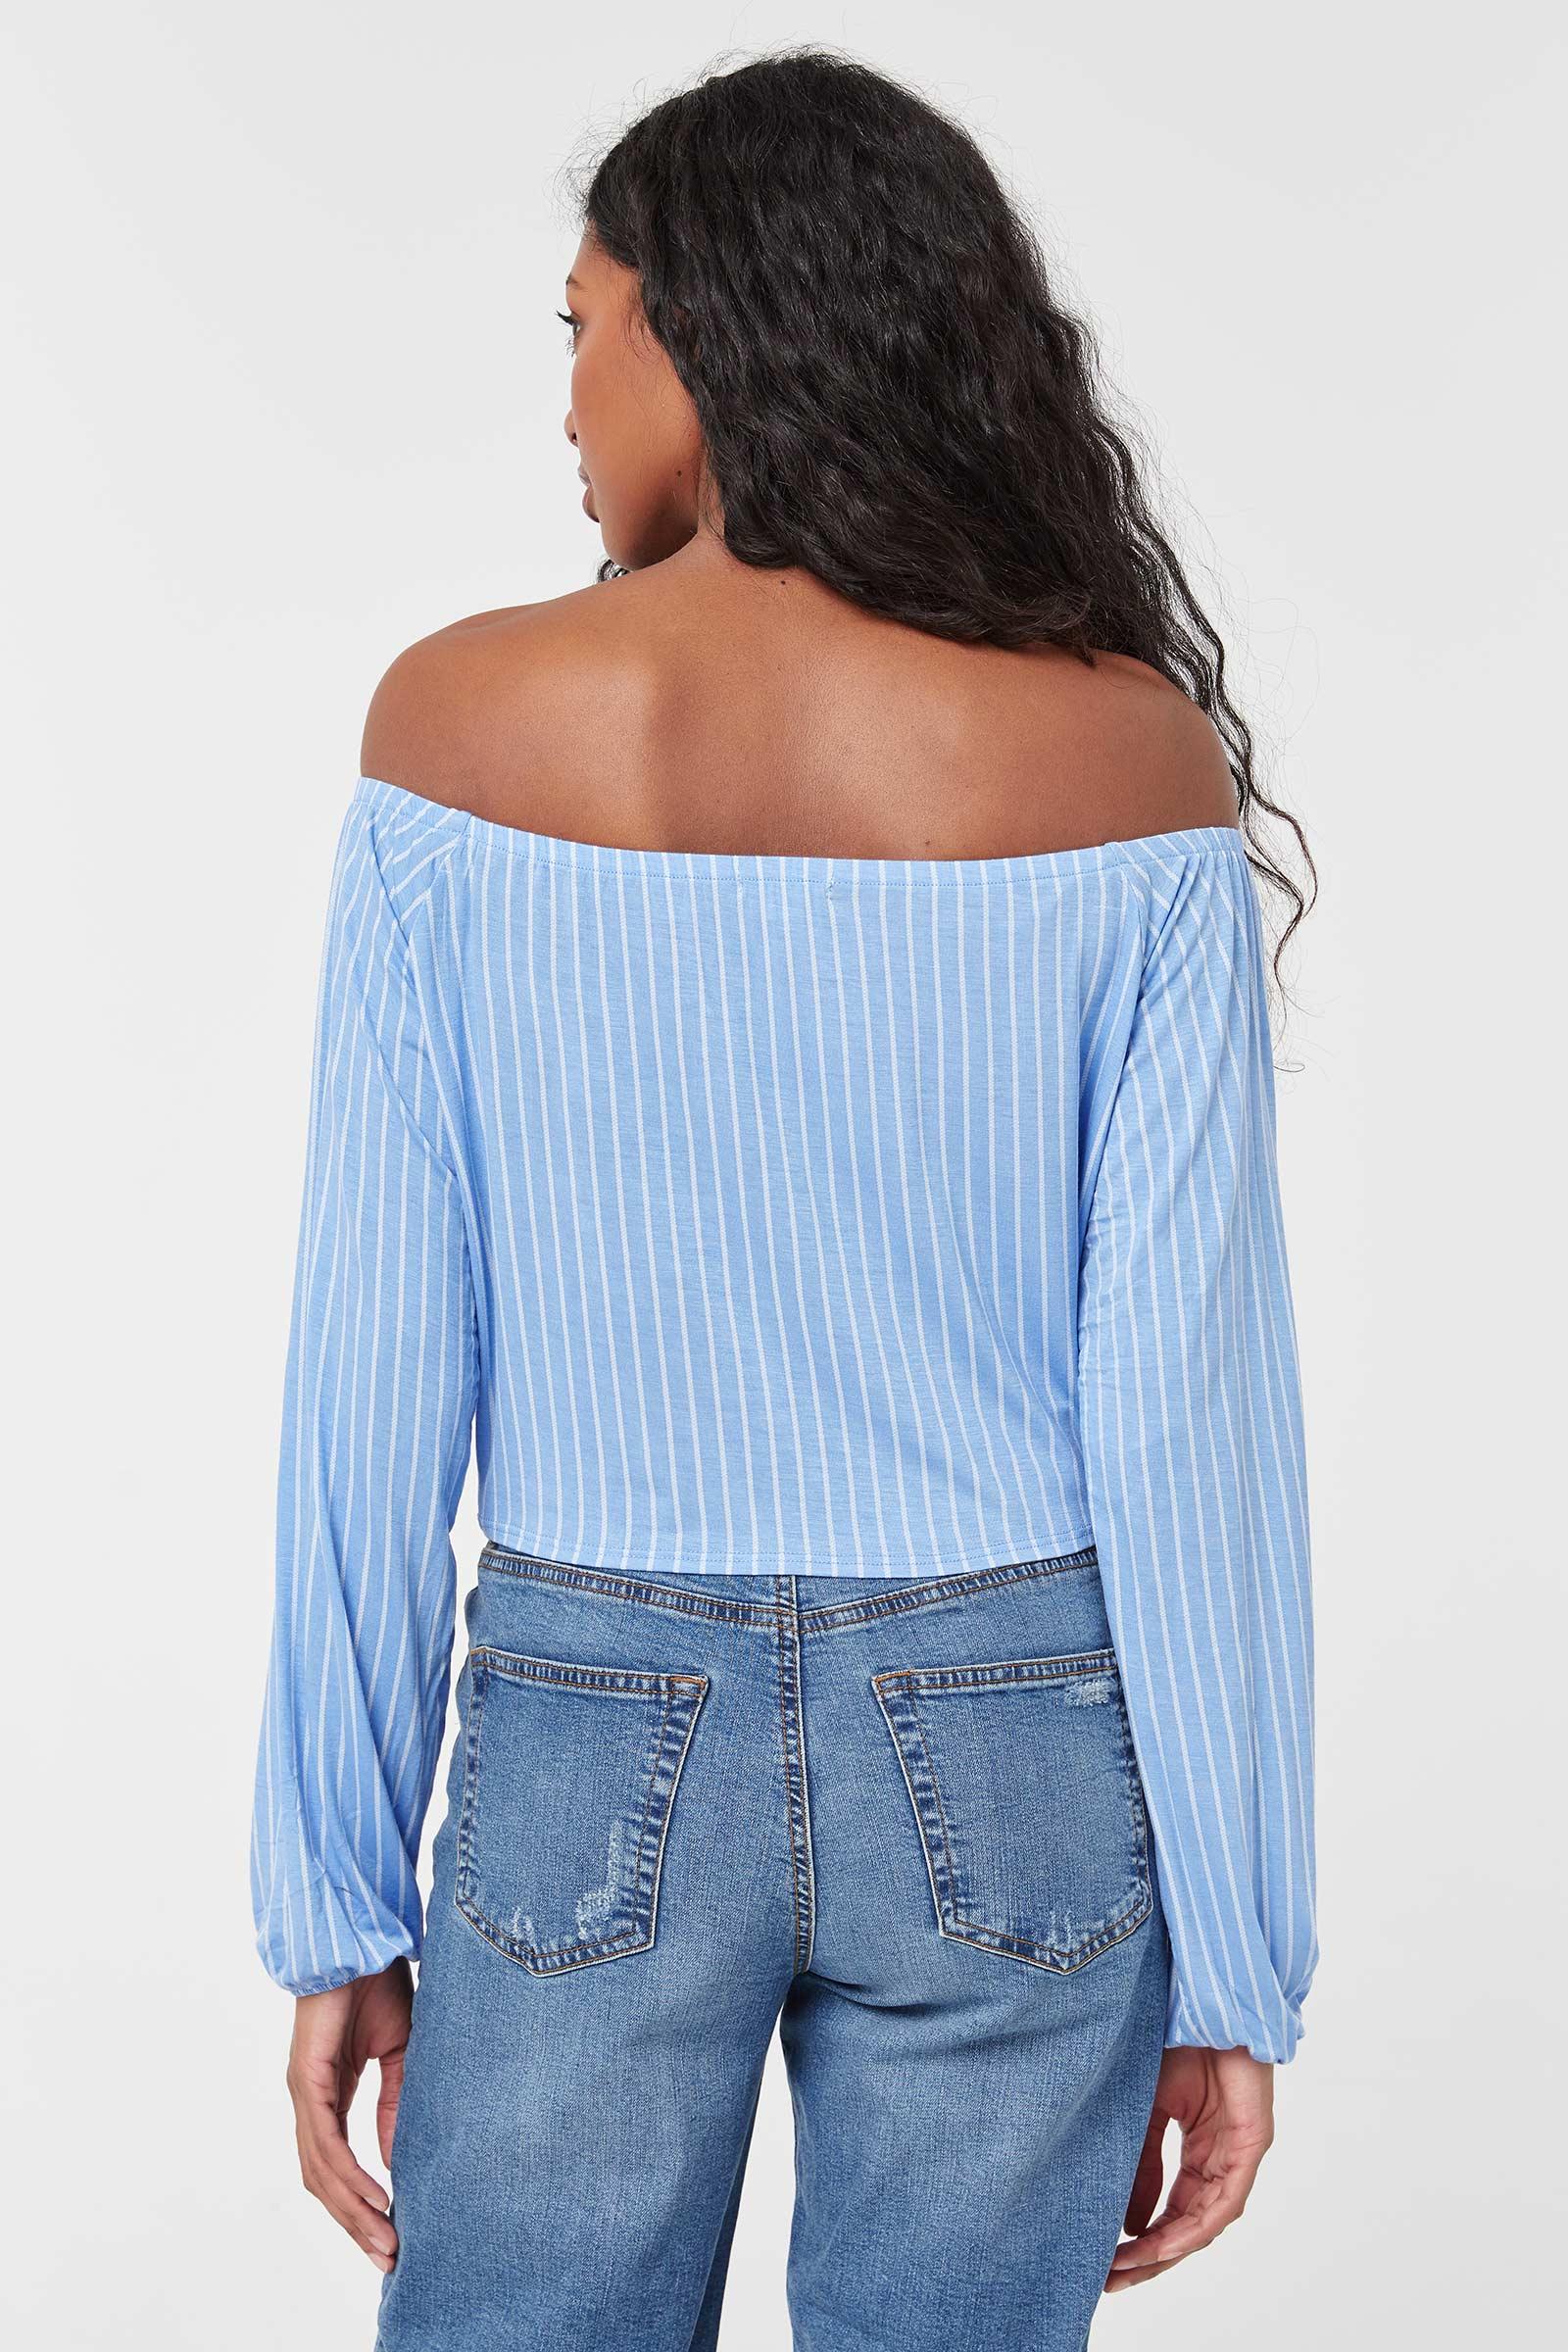 Off Shoulder Long-sleeved Striped Top